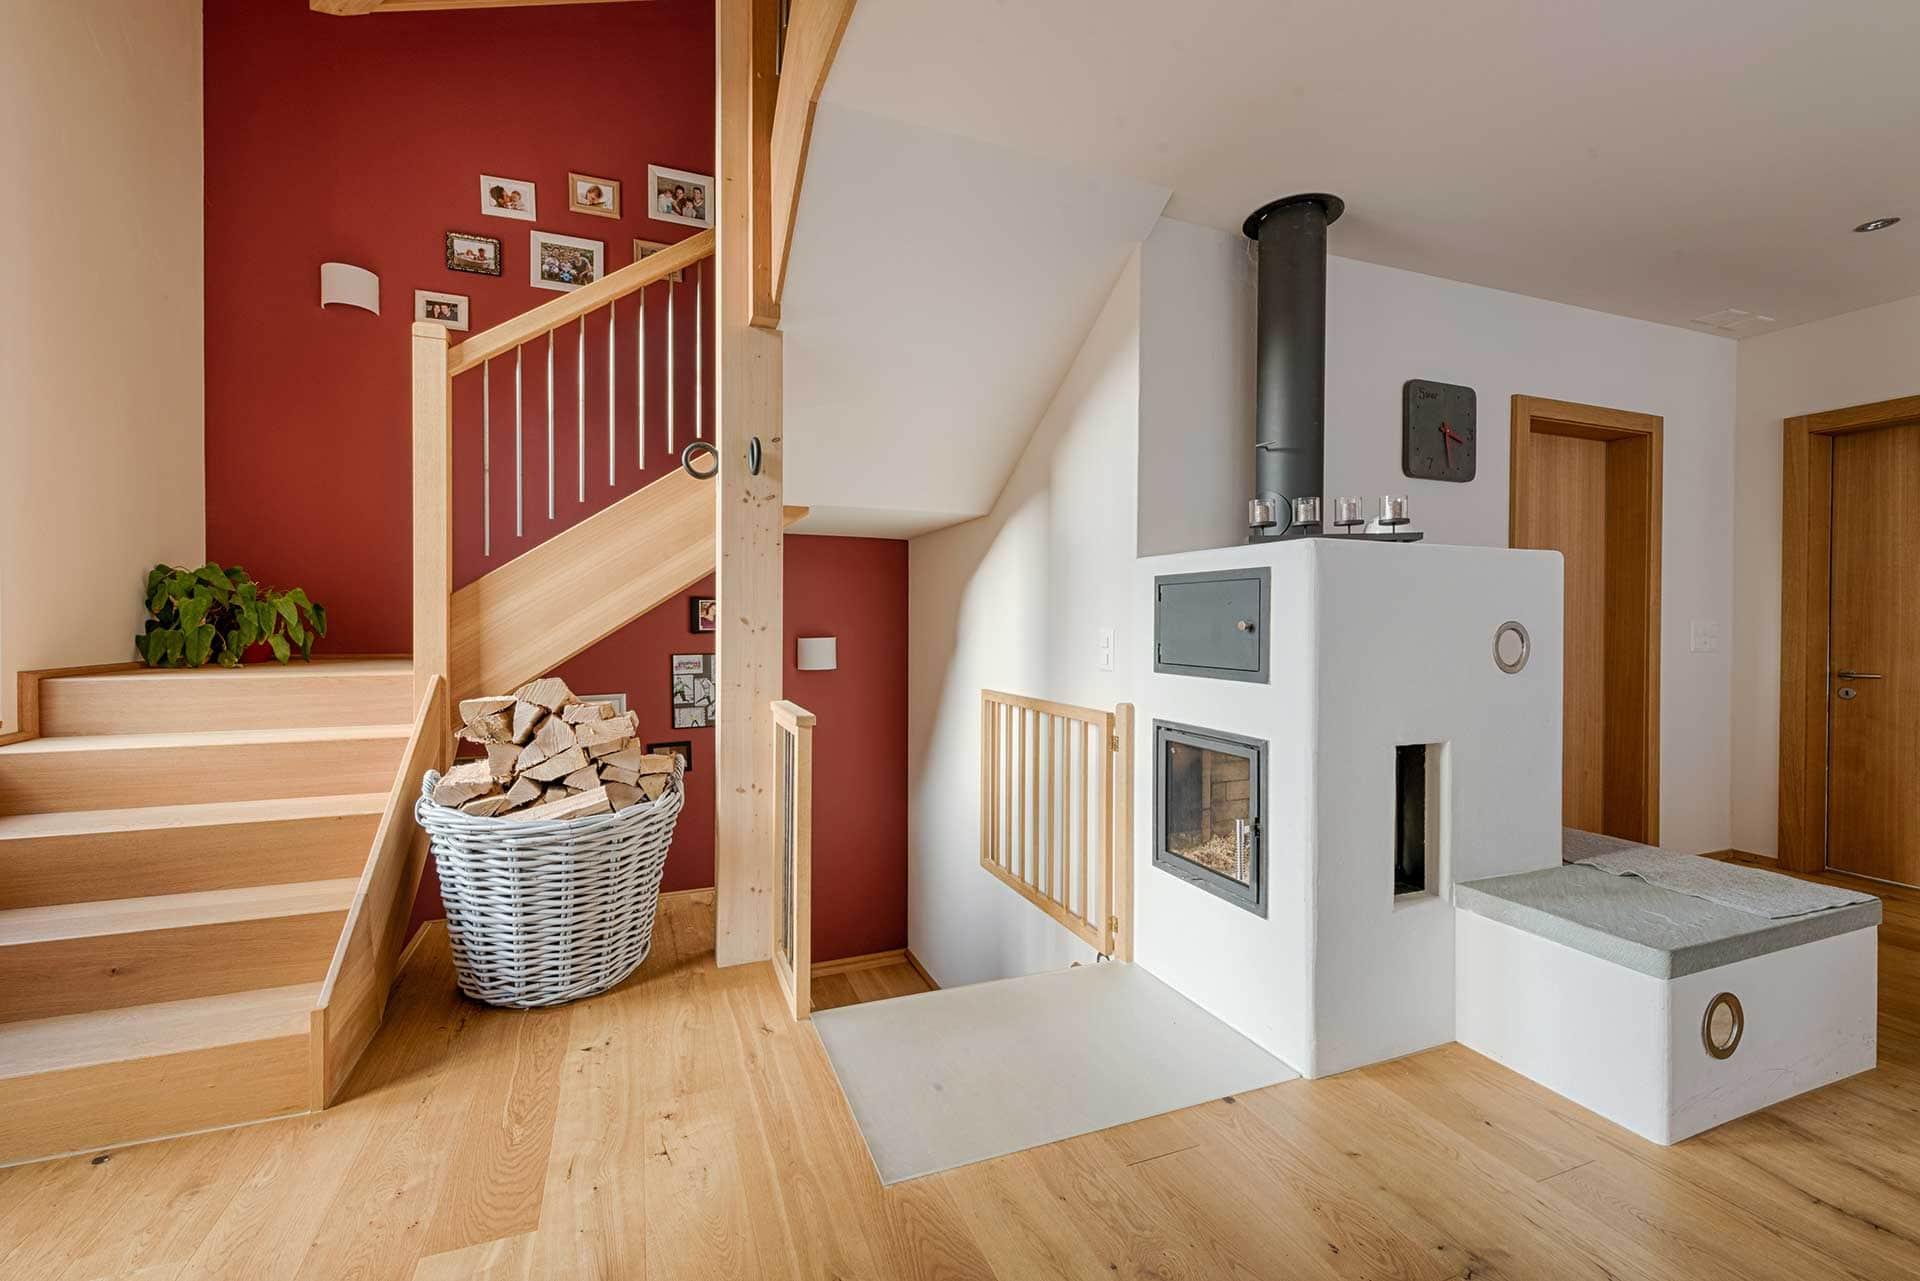 efh kalbermatten brigerbad raumlayout gmbh architektur innenarchitektur wohnberatung. Black Bedroom Furniture Sets. Home Design Ideas